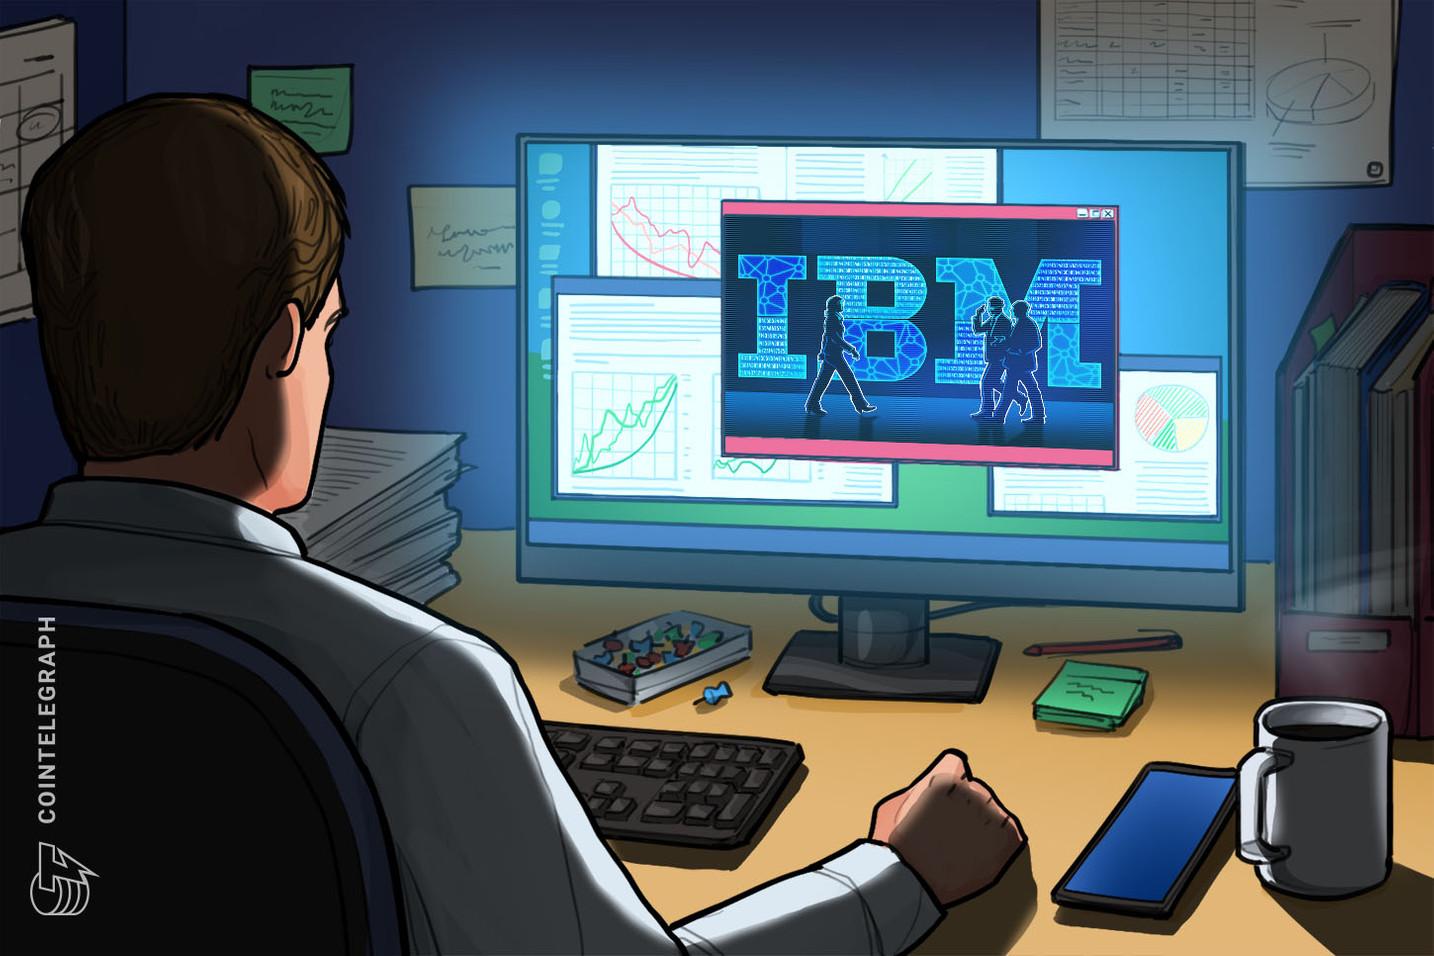 Tech-Gigant IBM reicht Patent für Blockchain-basierten Webbrowser ein